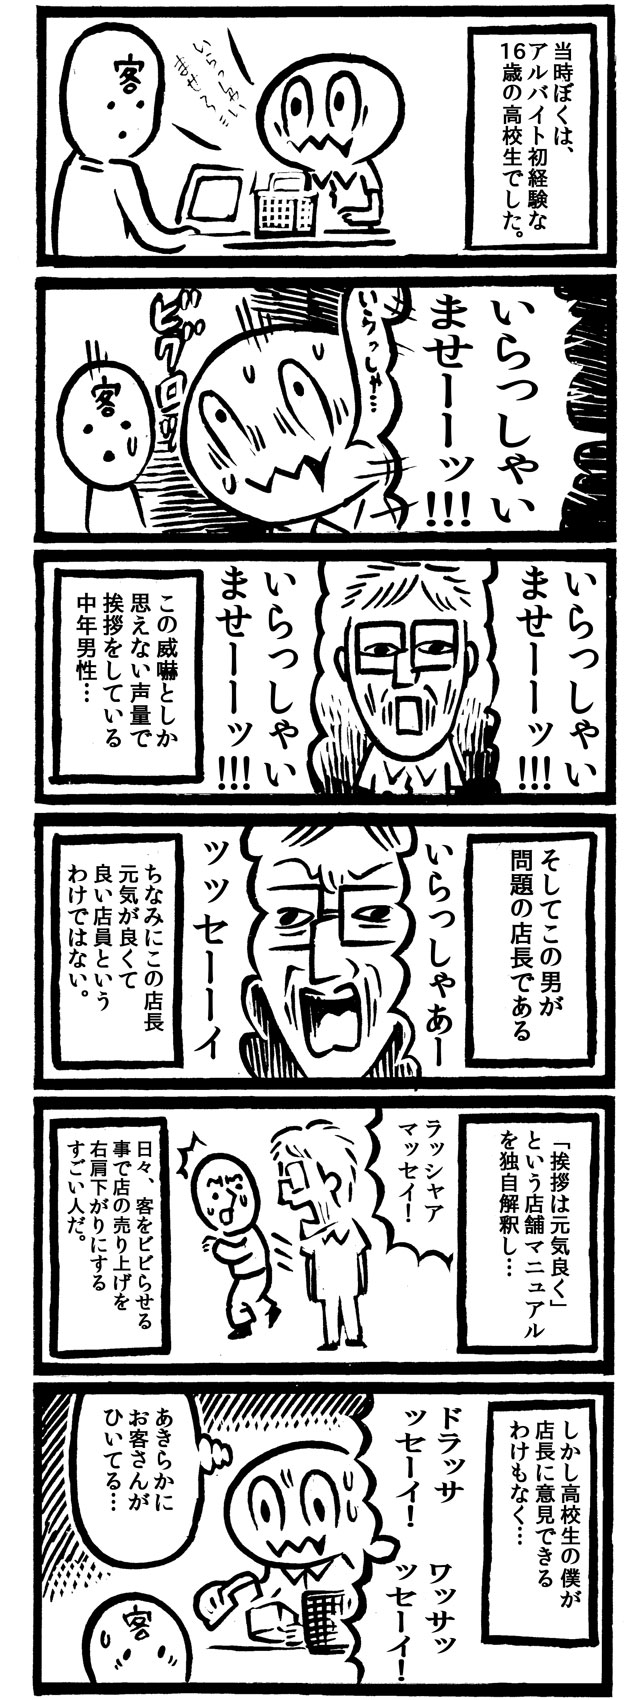 f:id:kakijiro:20150708185507j:plain